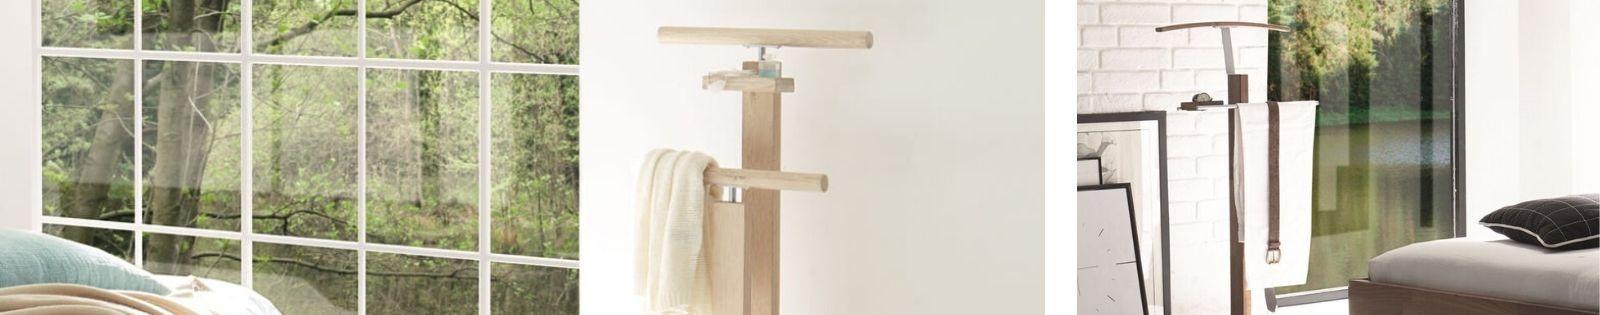 Valets : meubles de qualité. Haut de gamme. Le Monde du Lit.